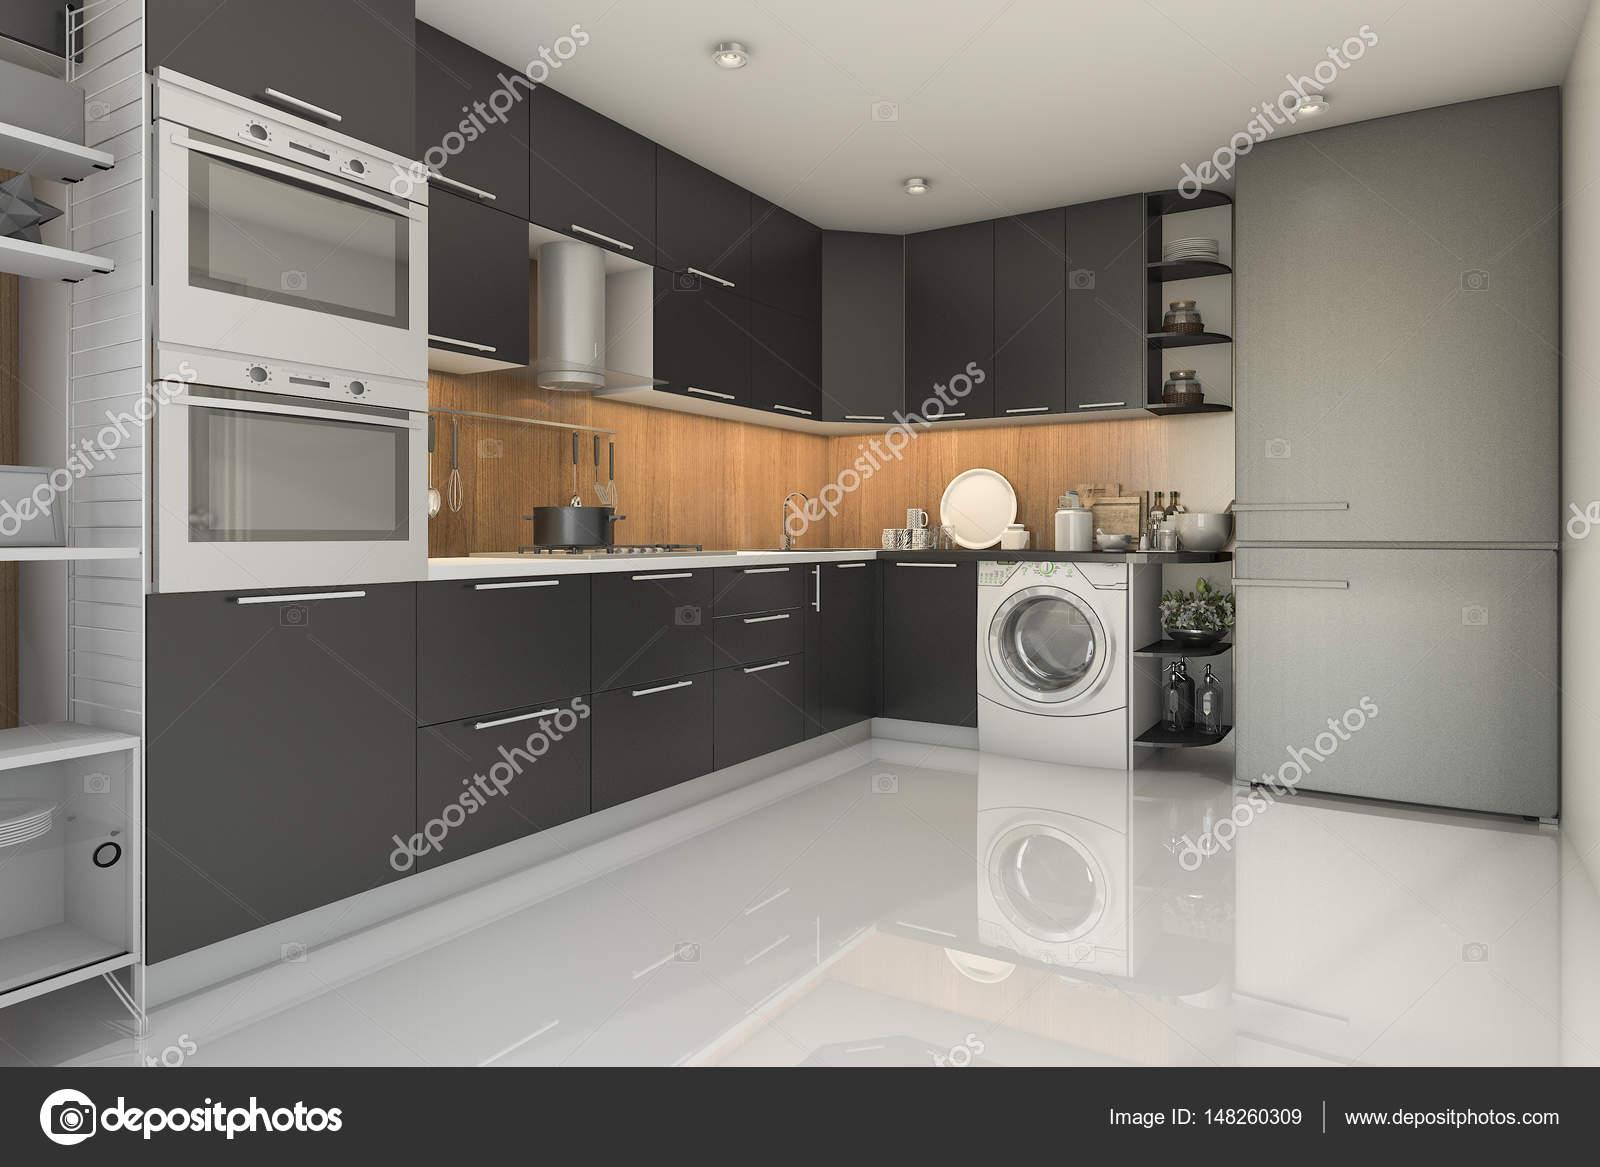 cucina nera moderna di loft 3D rendering con lavatrice — Foto Stock ...